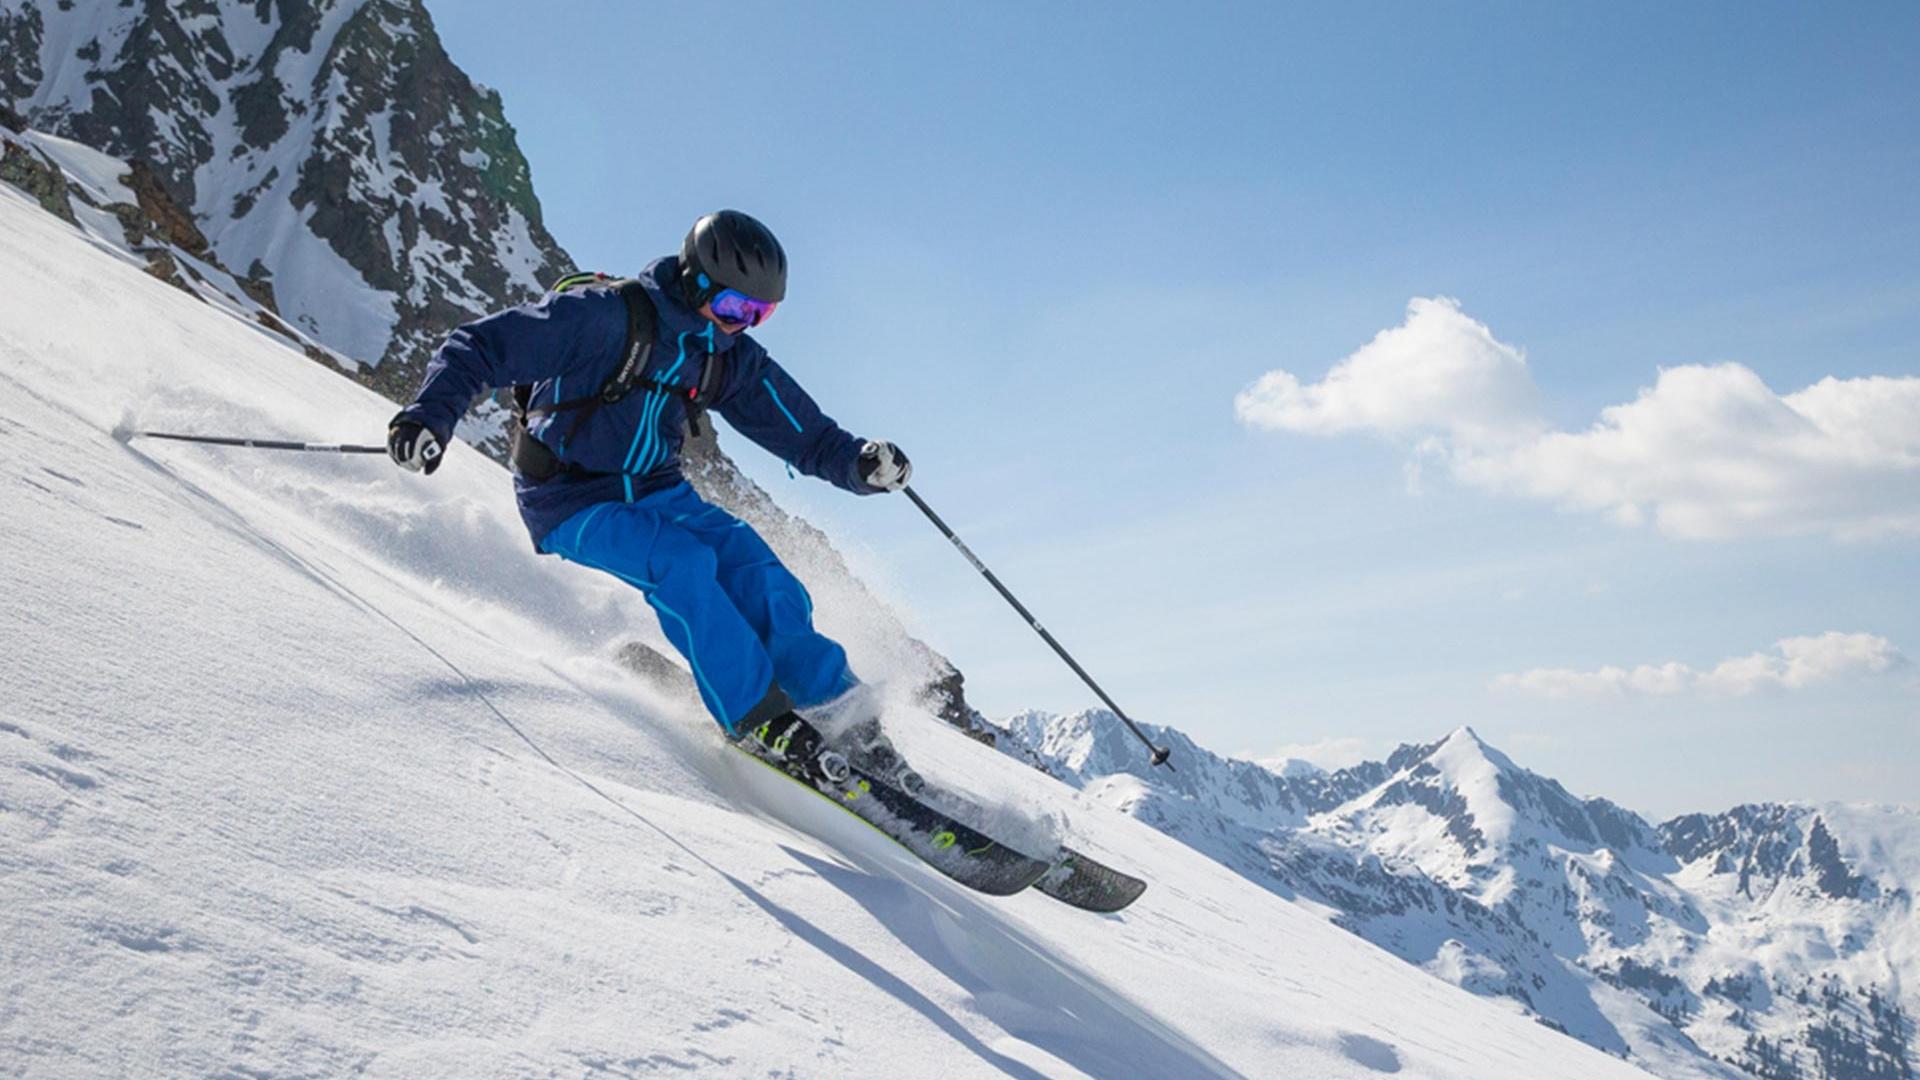 Skiing with Ellis Brigham Mountain Sports